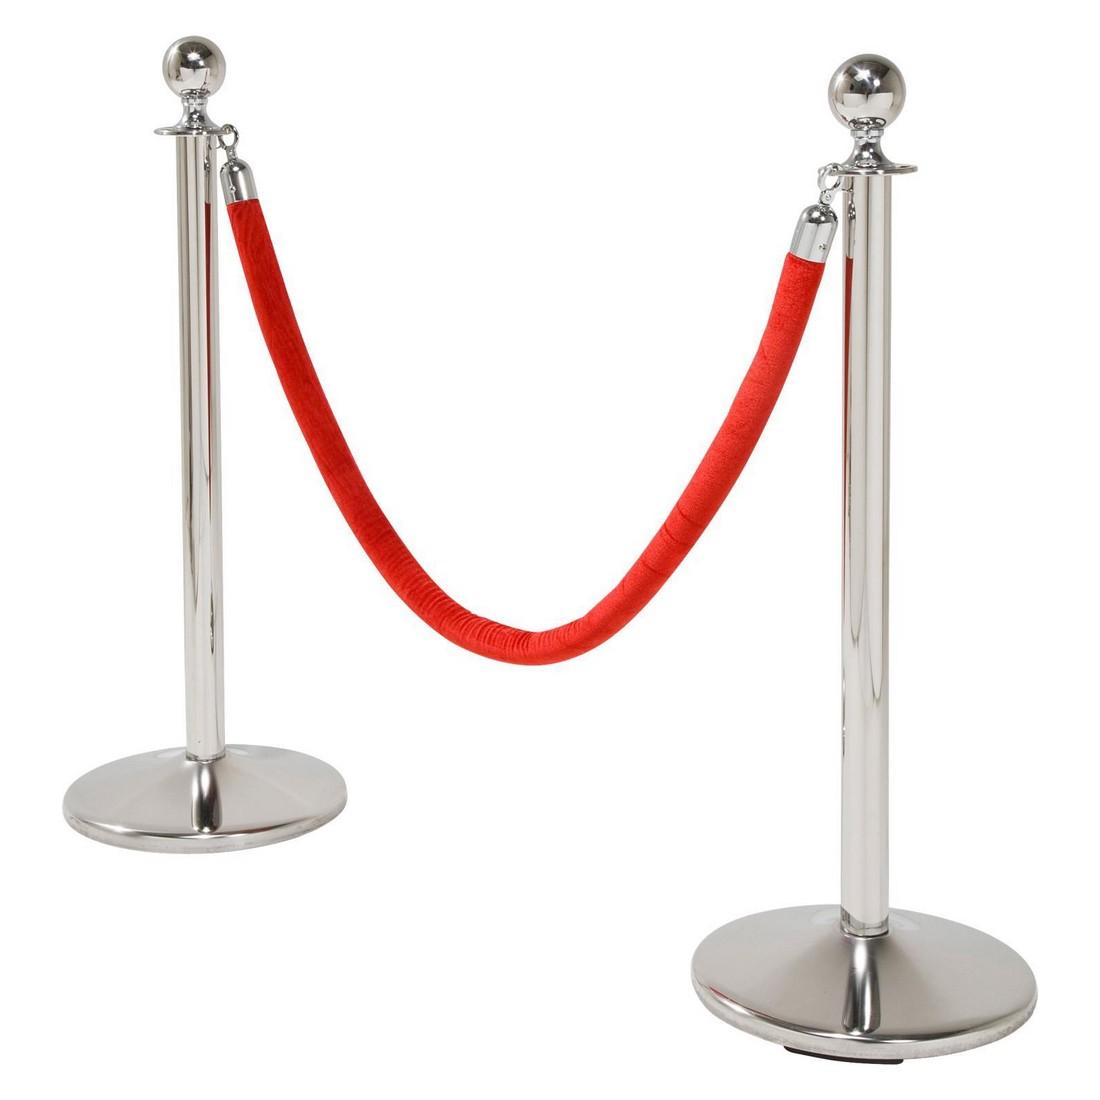 VIP Ständer Vegas  1-Ständer – Edelstahl Mehrfarbig, Kare Design jetzt bestellen